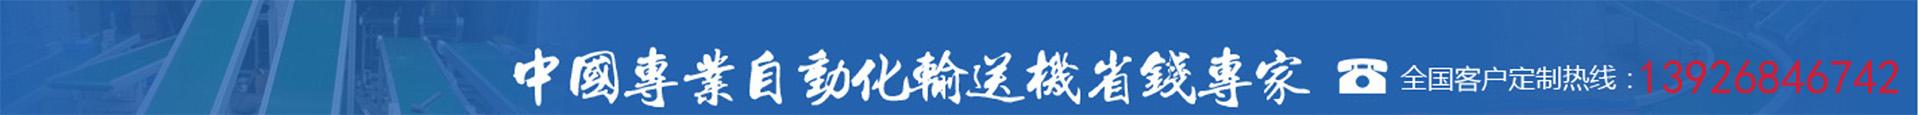 東莞市弘向自動化科技有限公司